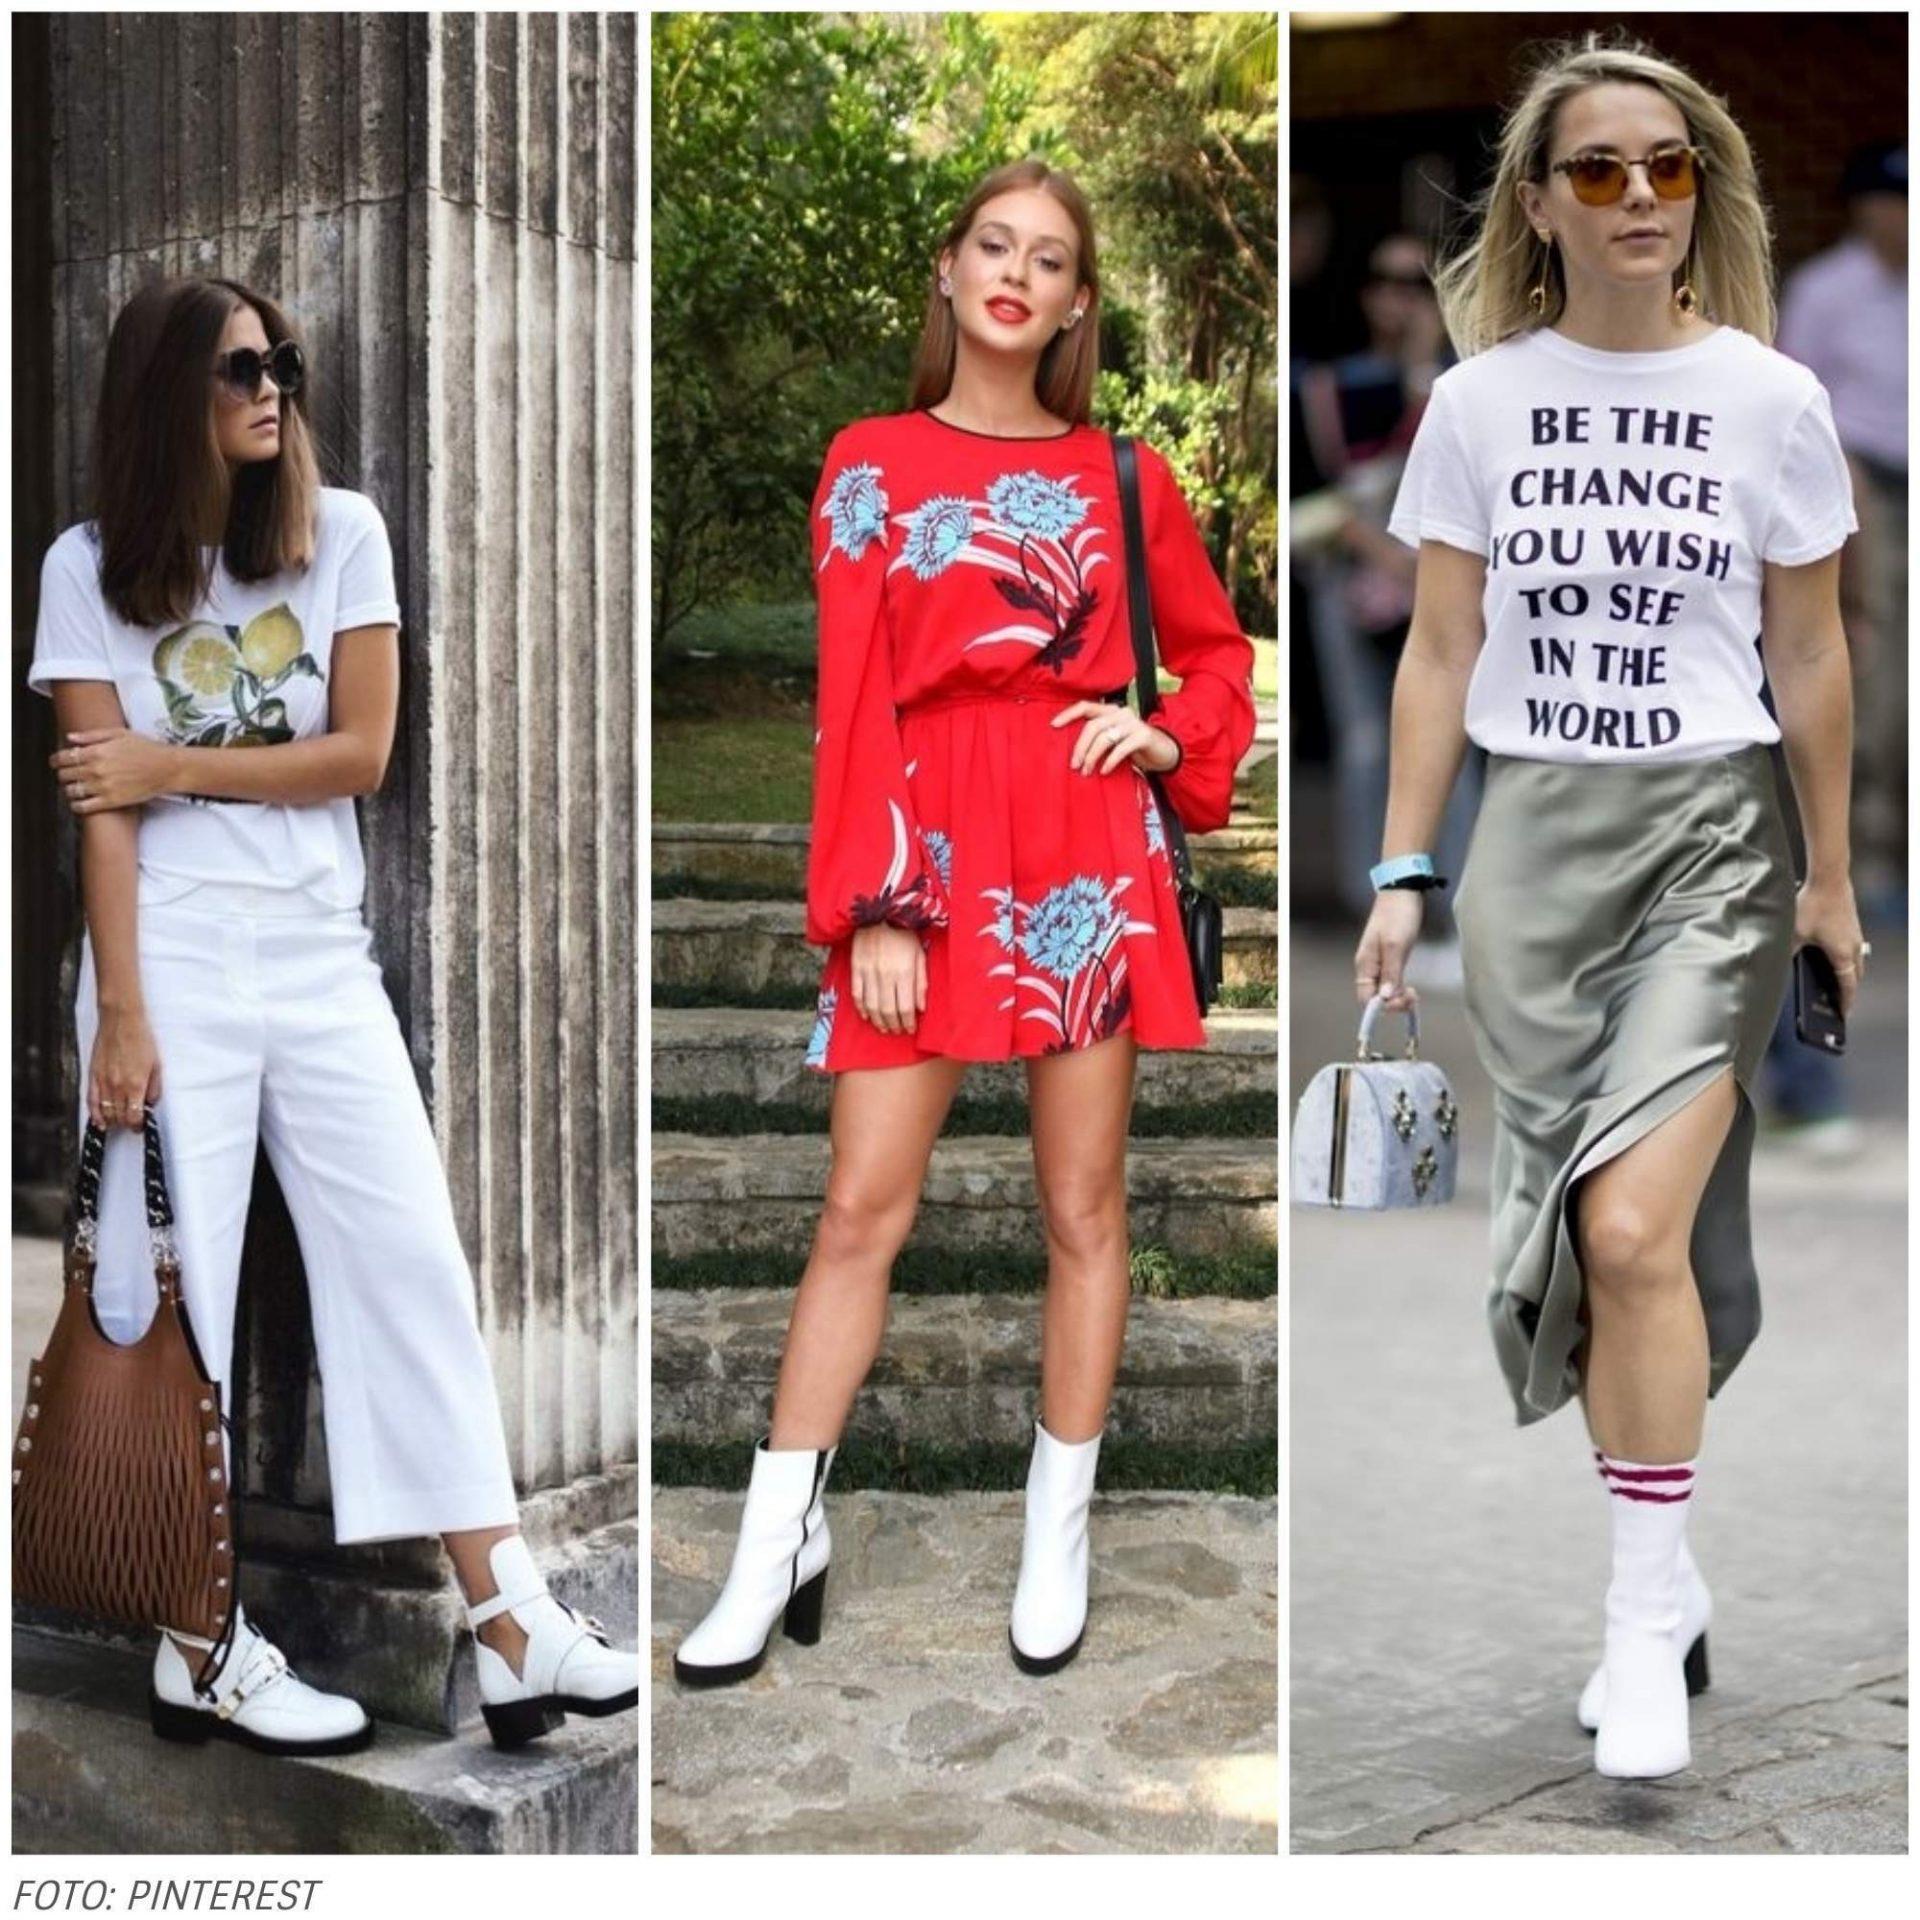 fe408582d ... fica difícil não amar a ideia e começar a usar as botas femininas no  verão, não é mesmo? Lembre-se: antes de escolher o seu sapato, ...